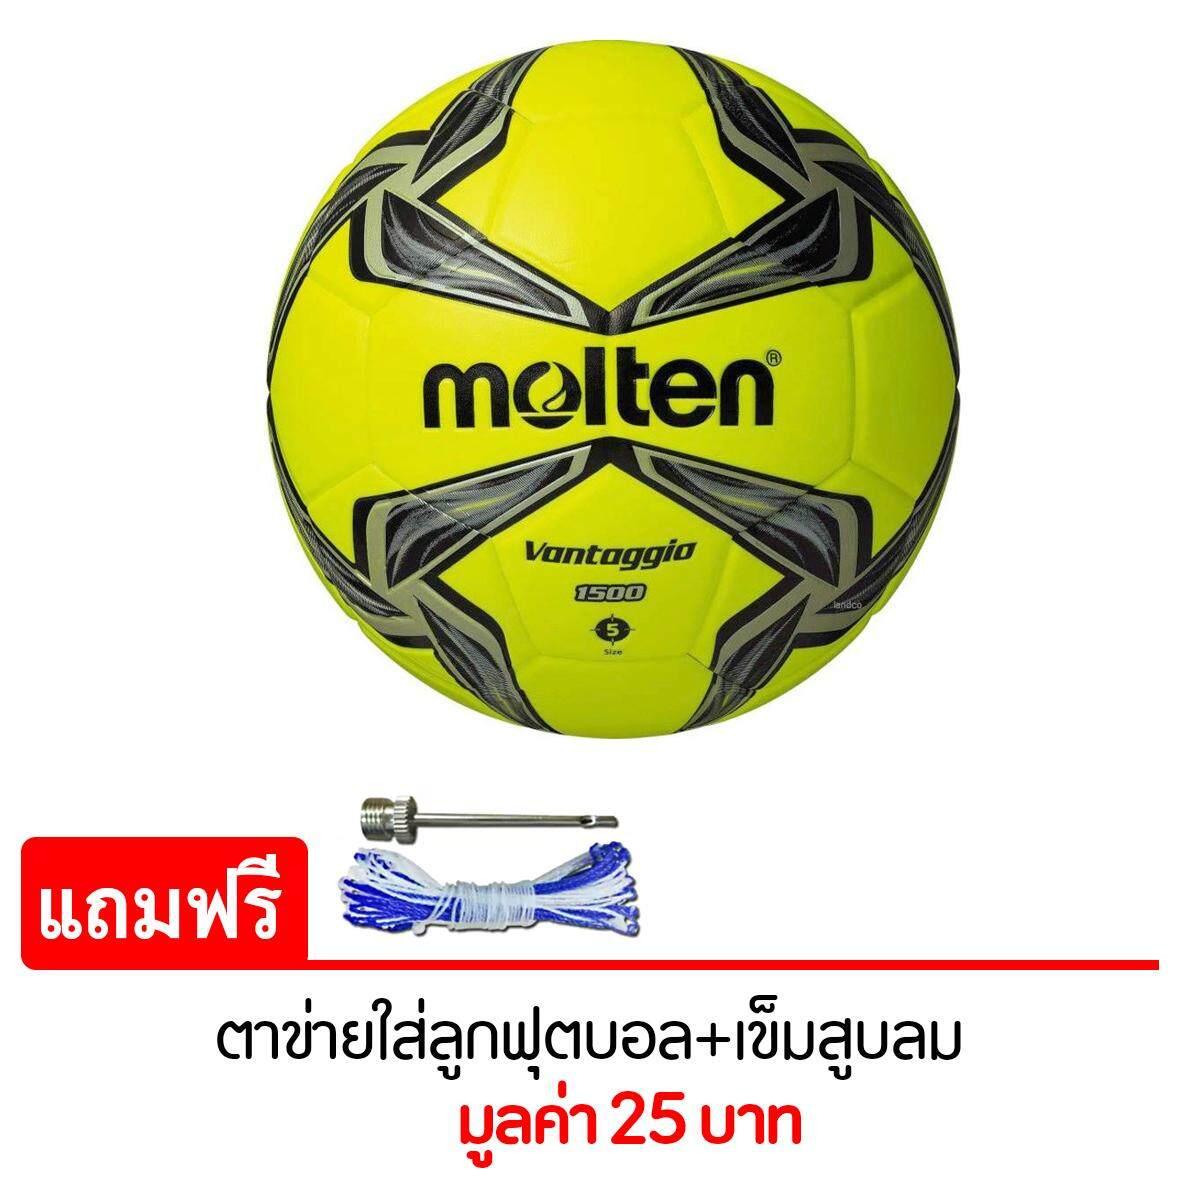 ยี่ห้อไหนดี  ตราด MOLTEN ลูกฟุตบอล Football PVC F5V1500-LK เบอร์5 แถมฟรี ตาข่ายใส่ลูกฟุตบอล + เข็มสูบลม